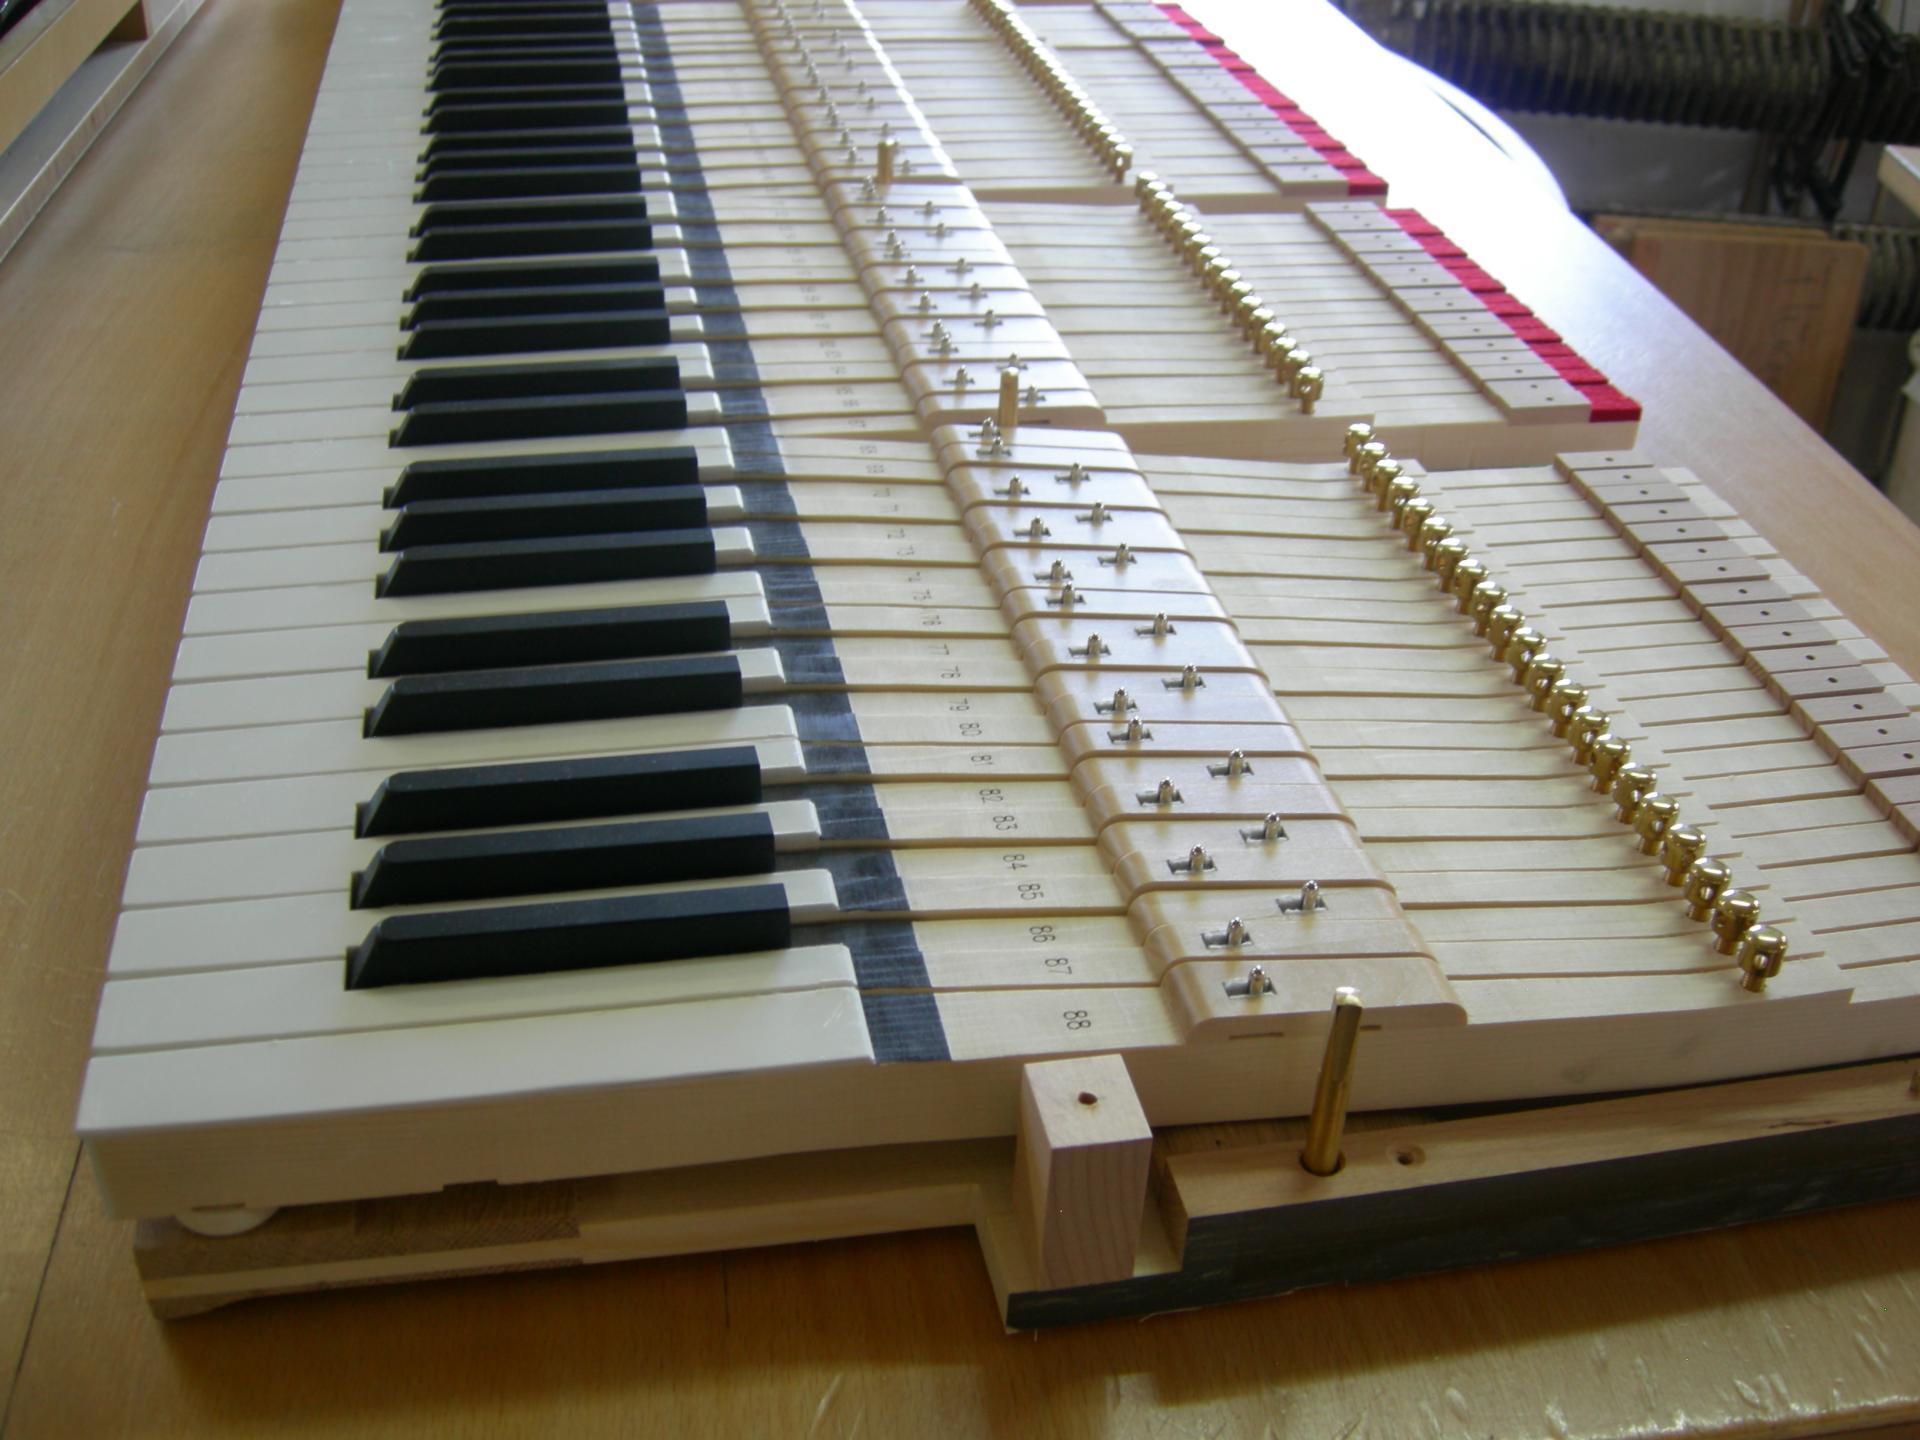 Steingraeber clavier